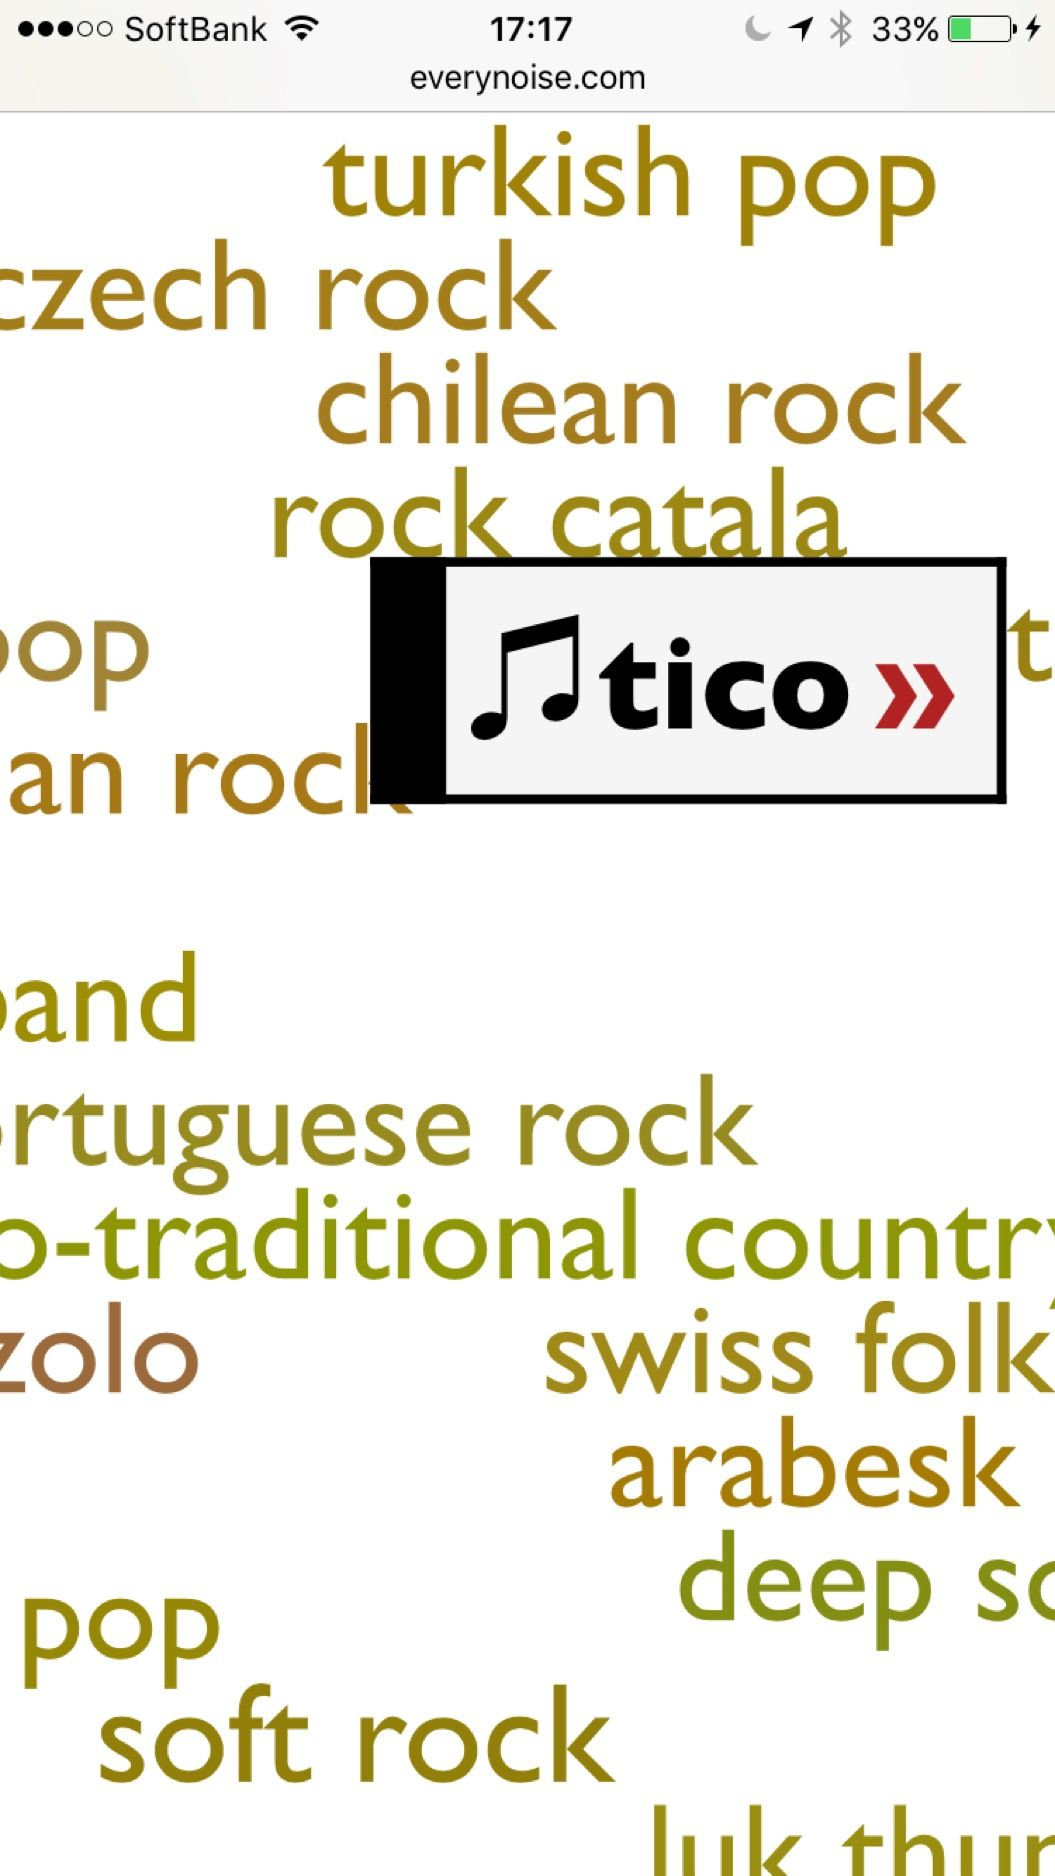 1371ジャンルの楽曲が試聴できるwebサイト。あなたはいくつ知ってた?